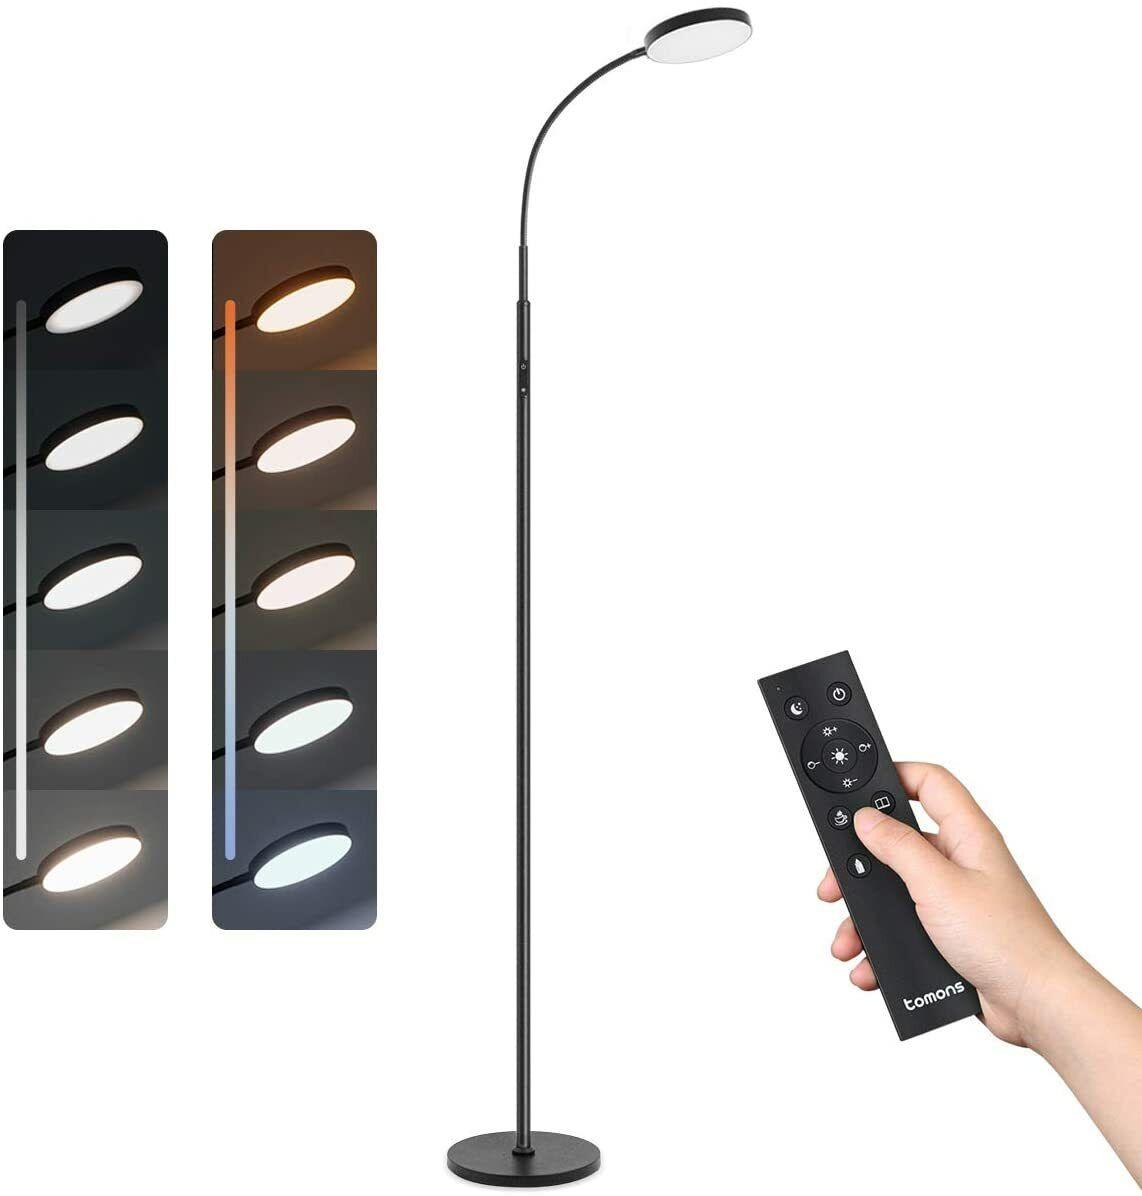 Stehlampe LED Dimmbar Stehleuchte 12W mit Fernbedienung, Stehleuchte Stufenlos